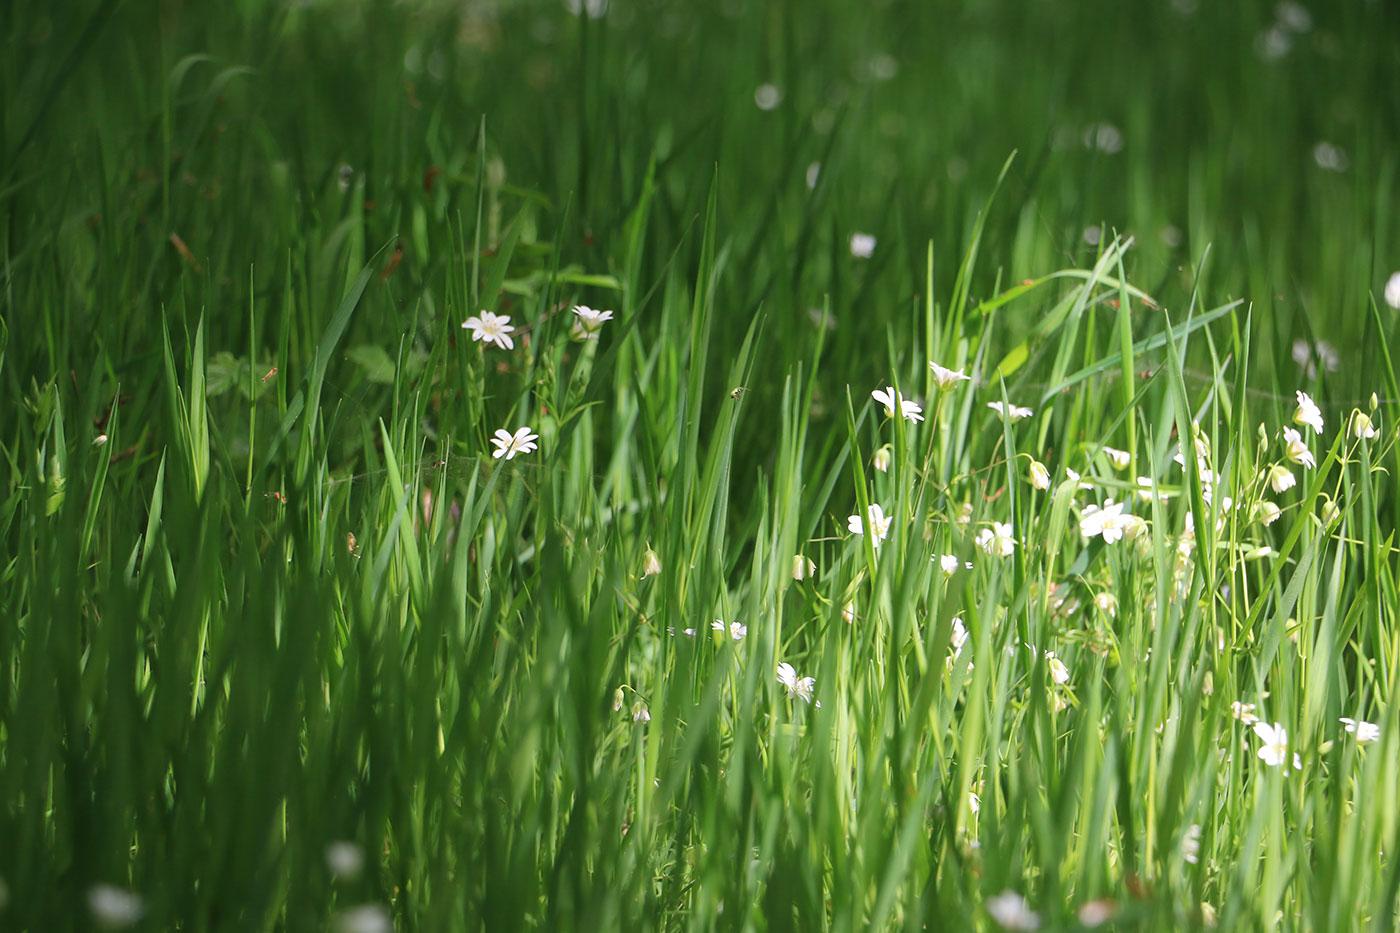 små vita blommor i lång gräsmatta